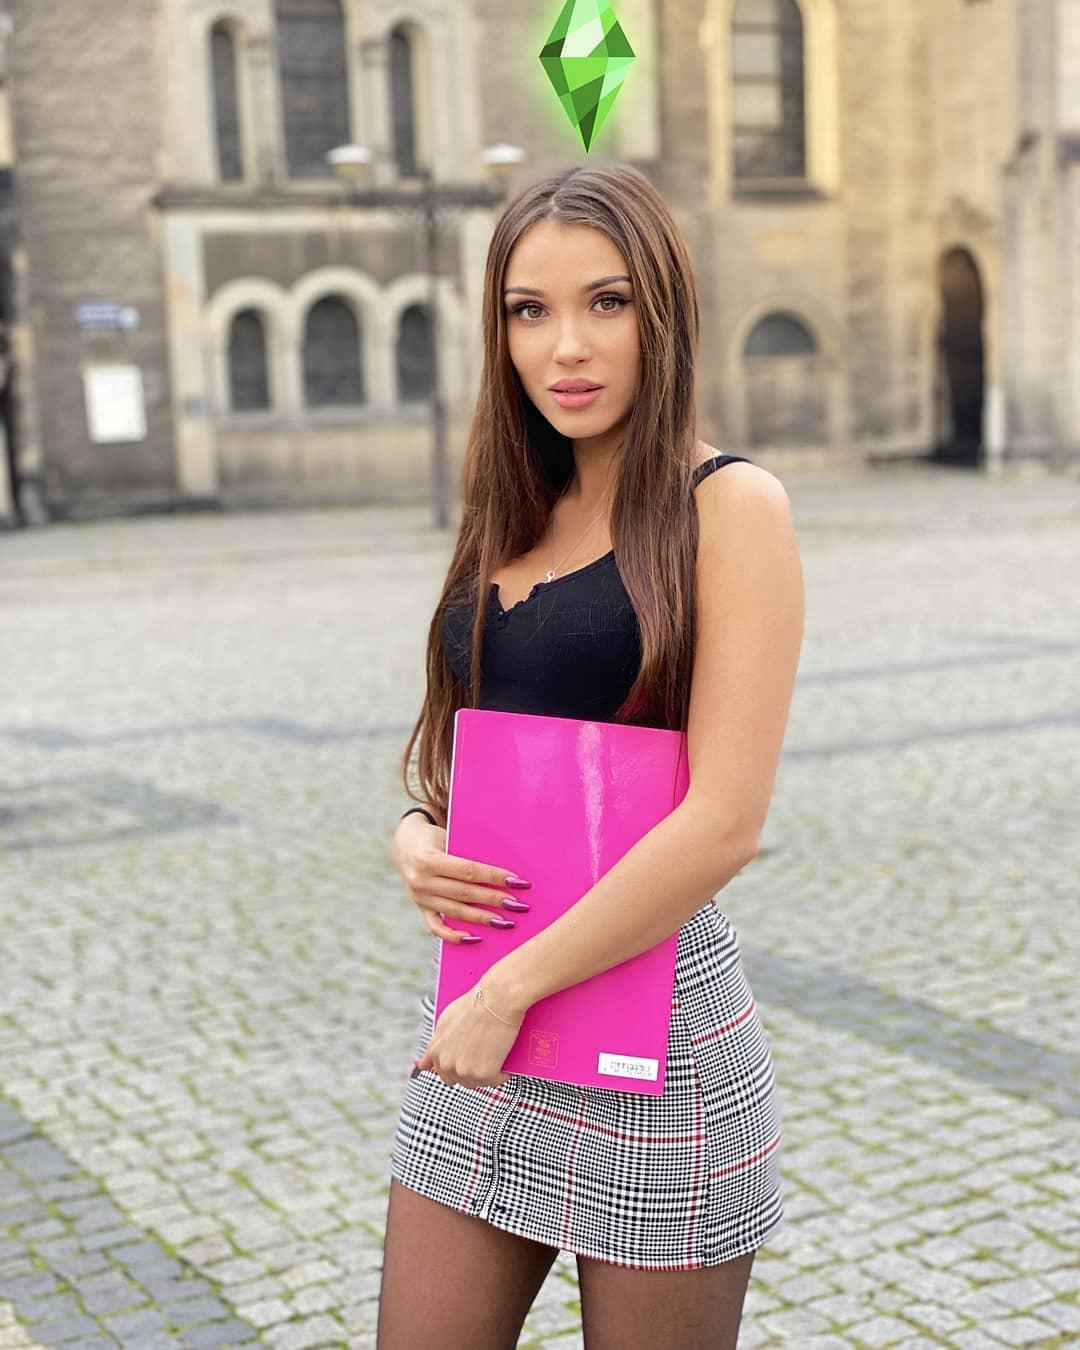 Natalia-Kaczmarczyk-Wallpapers-Insta-Fit-Bio-7